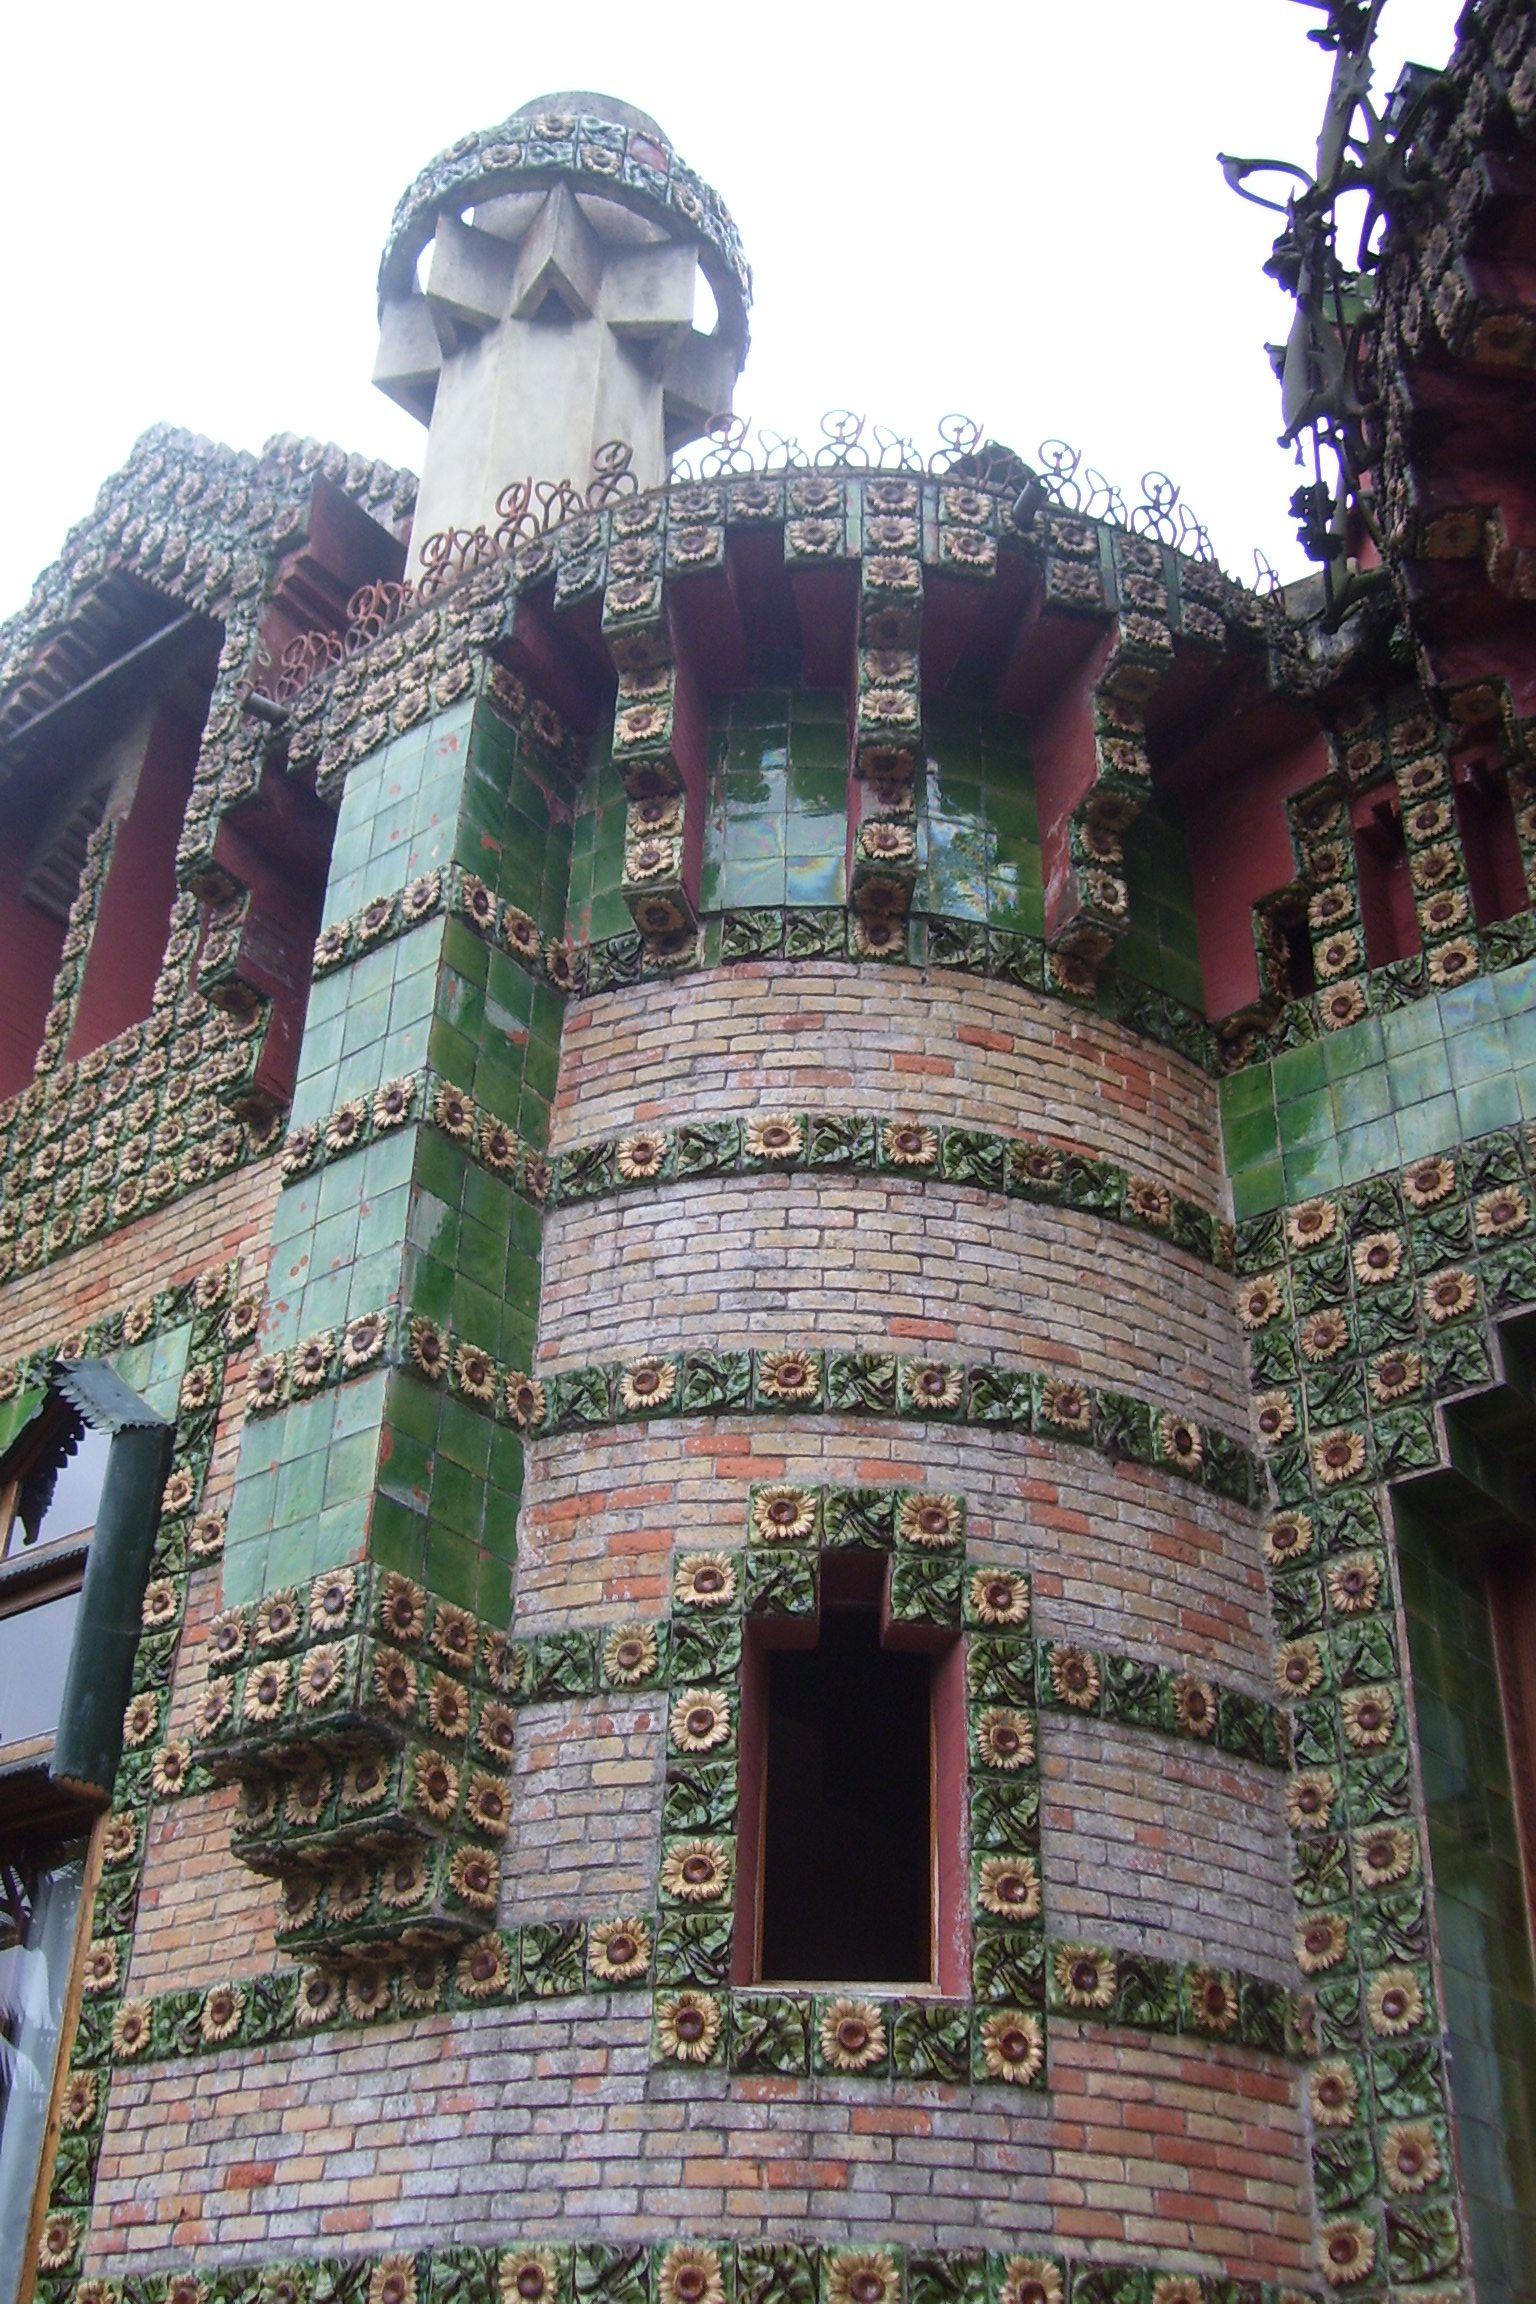 El capricho de #Gaudí, #Comillas, #Cantabria